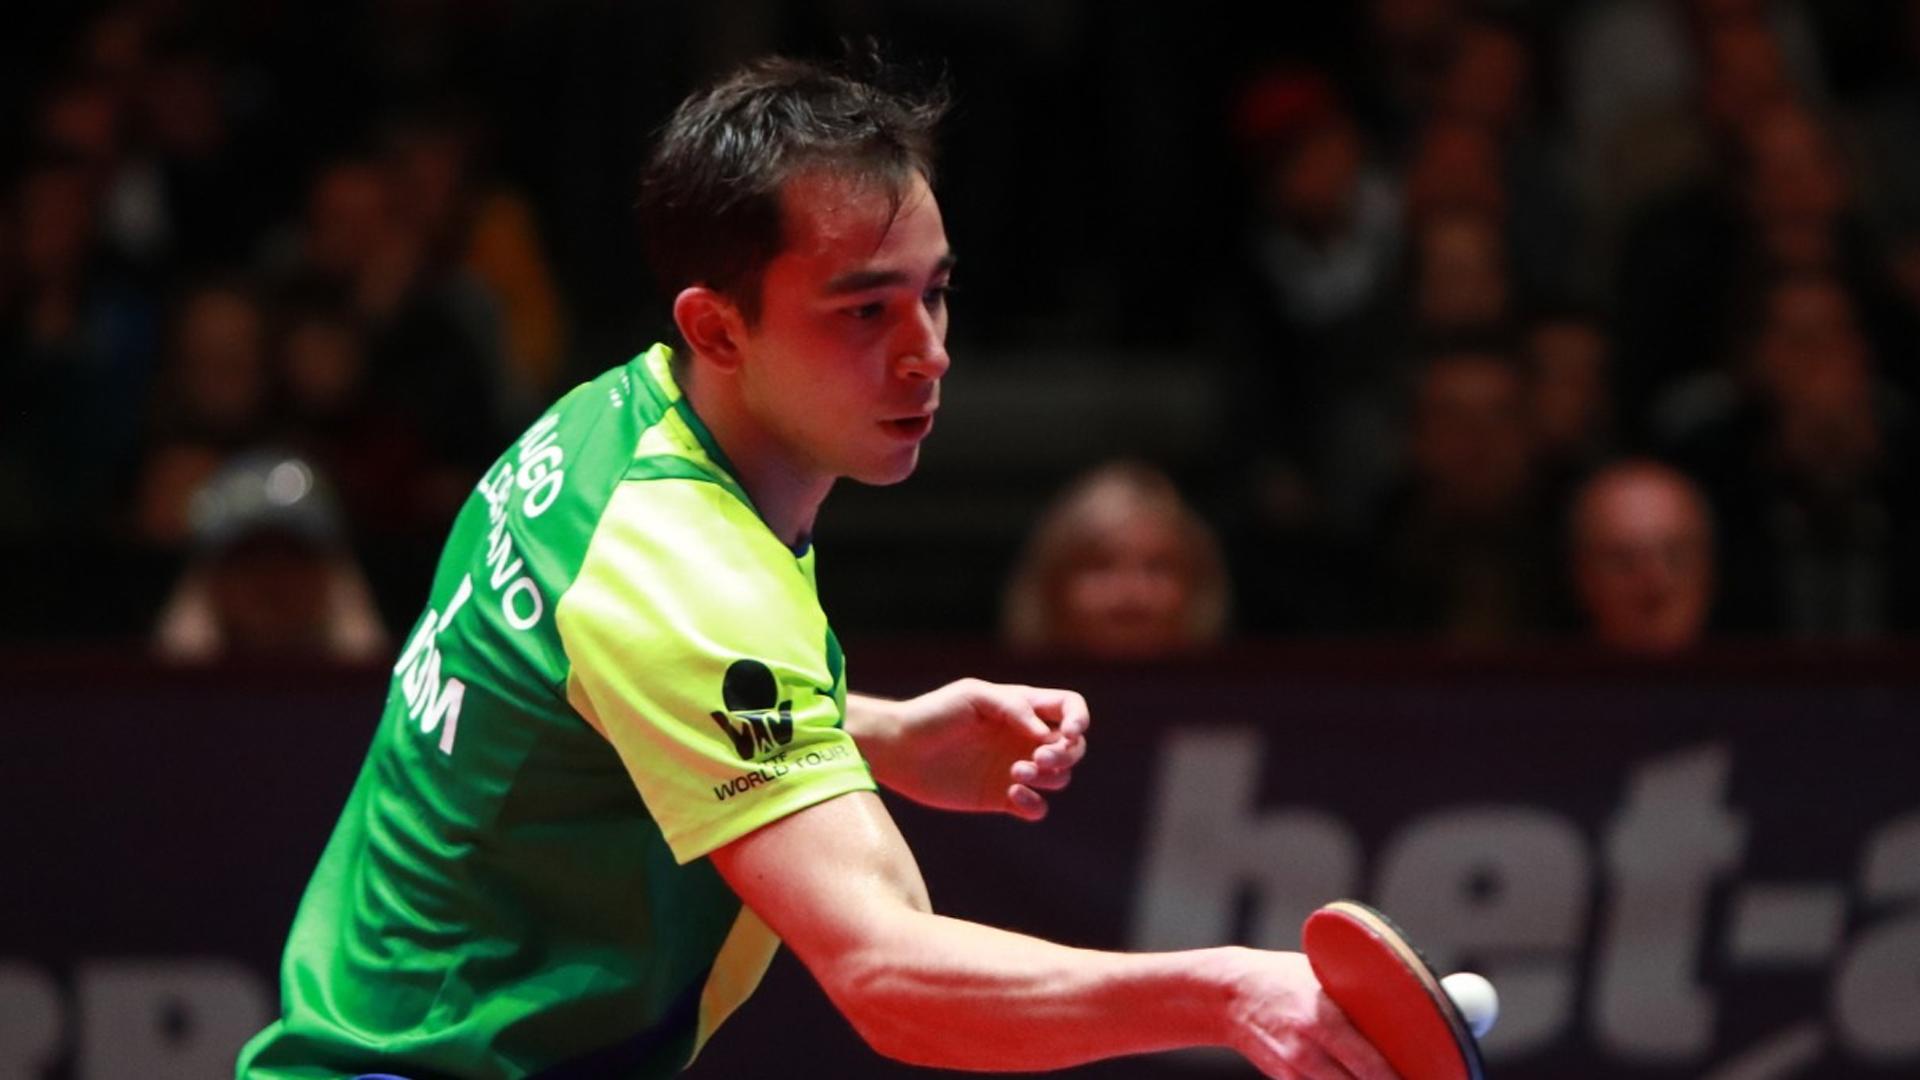 Hugo Calderano faz seu melhor resultado na temporada e fica com o bronze no Aberto da Áustria